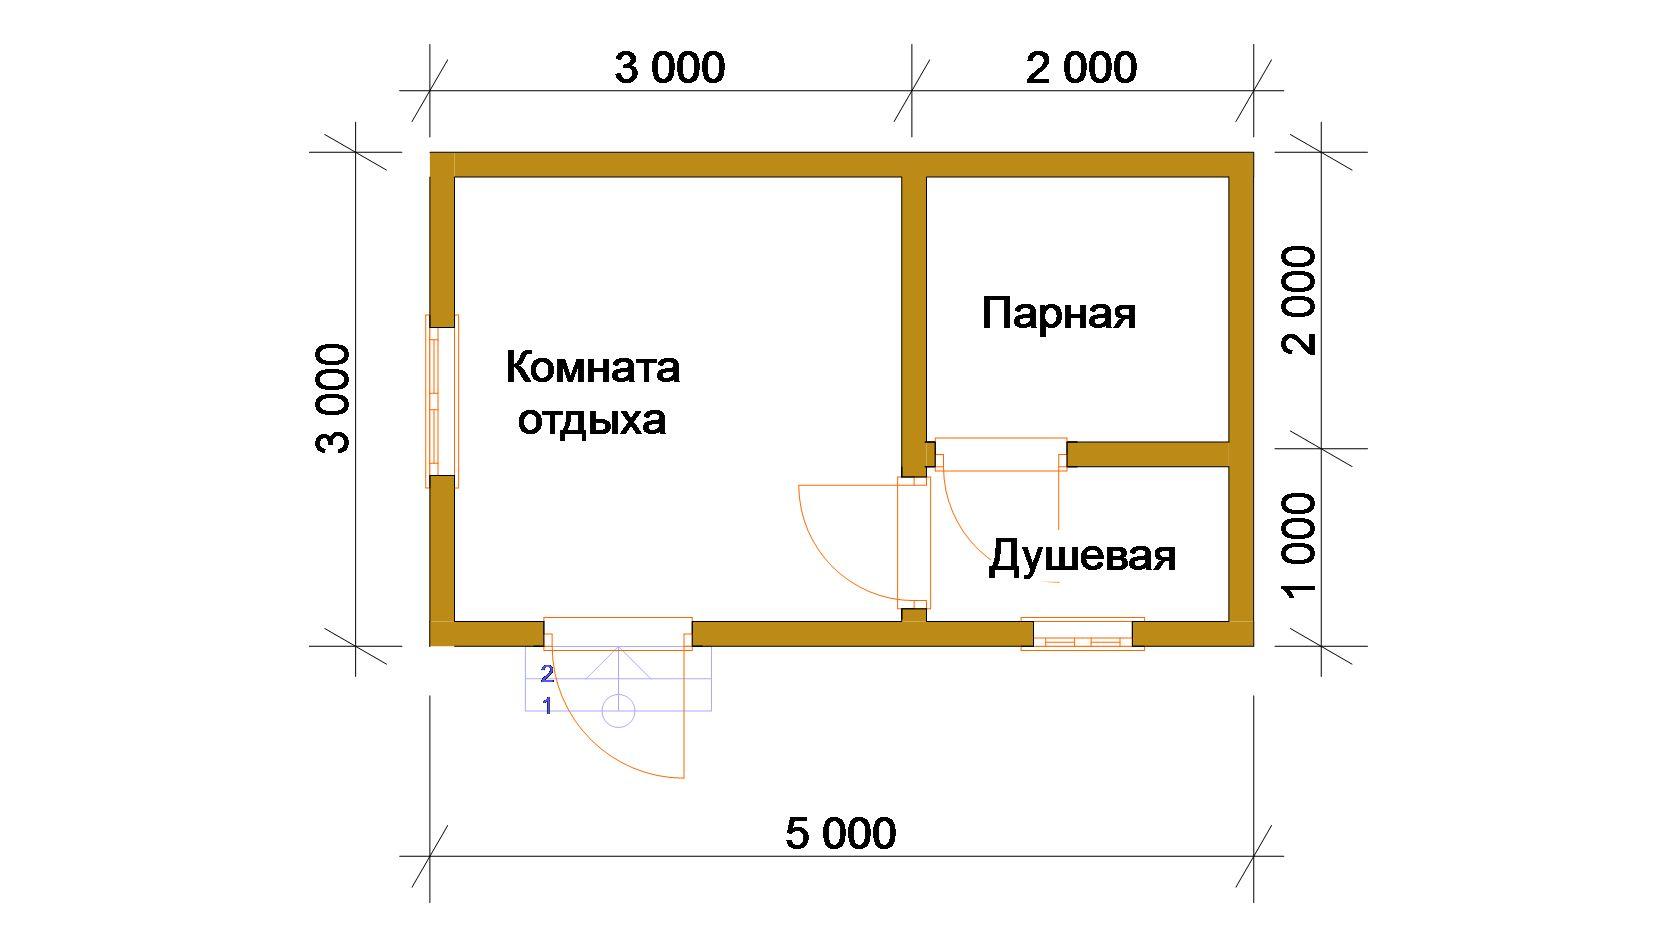 Пример конструкции